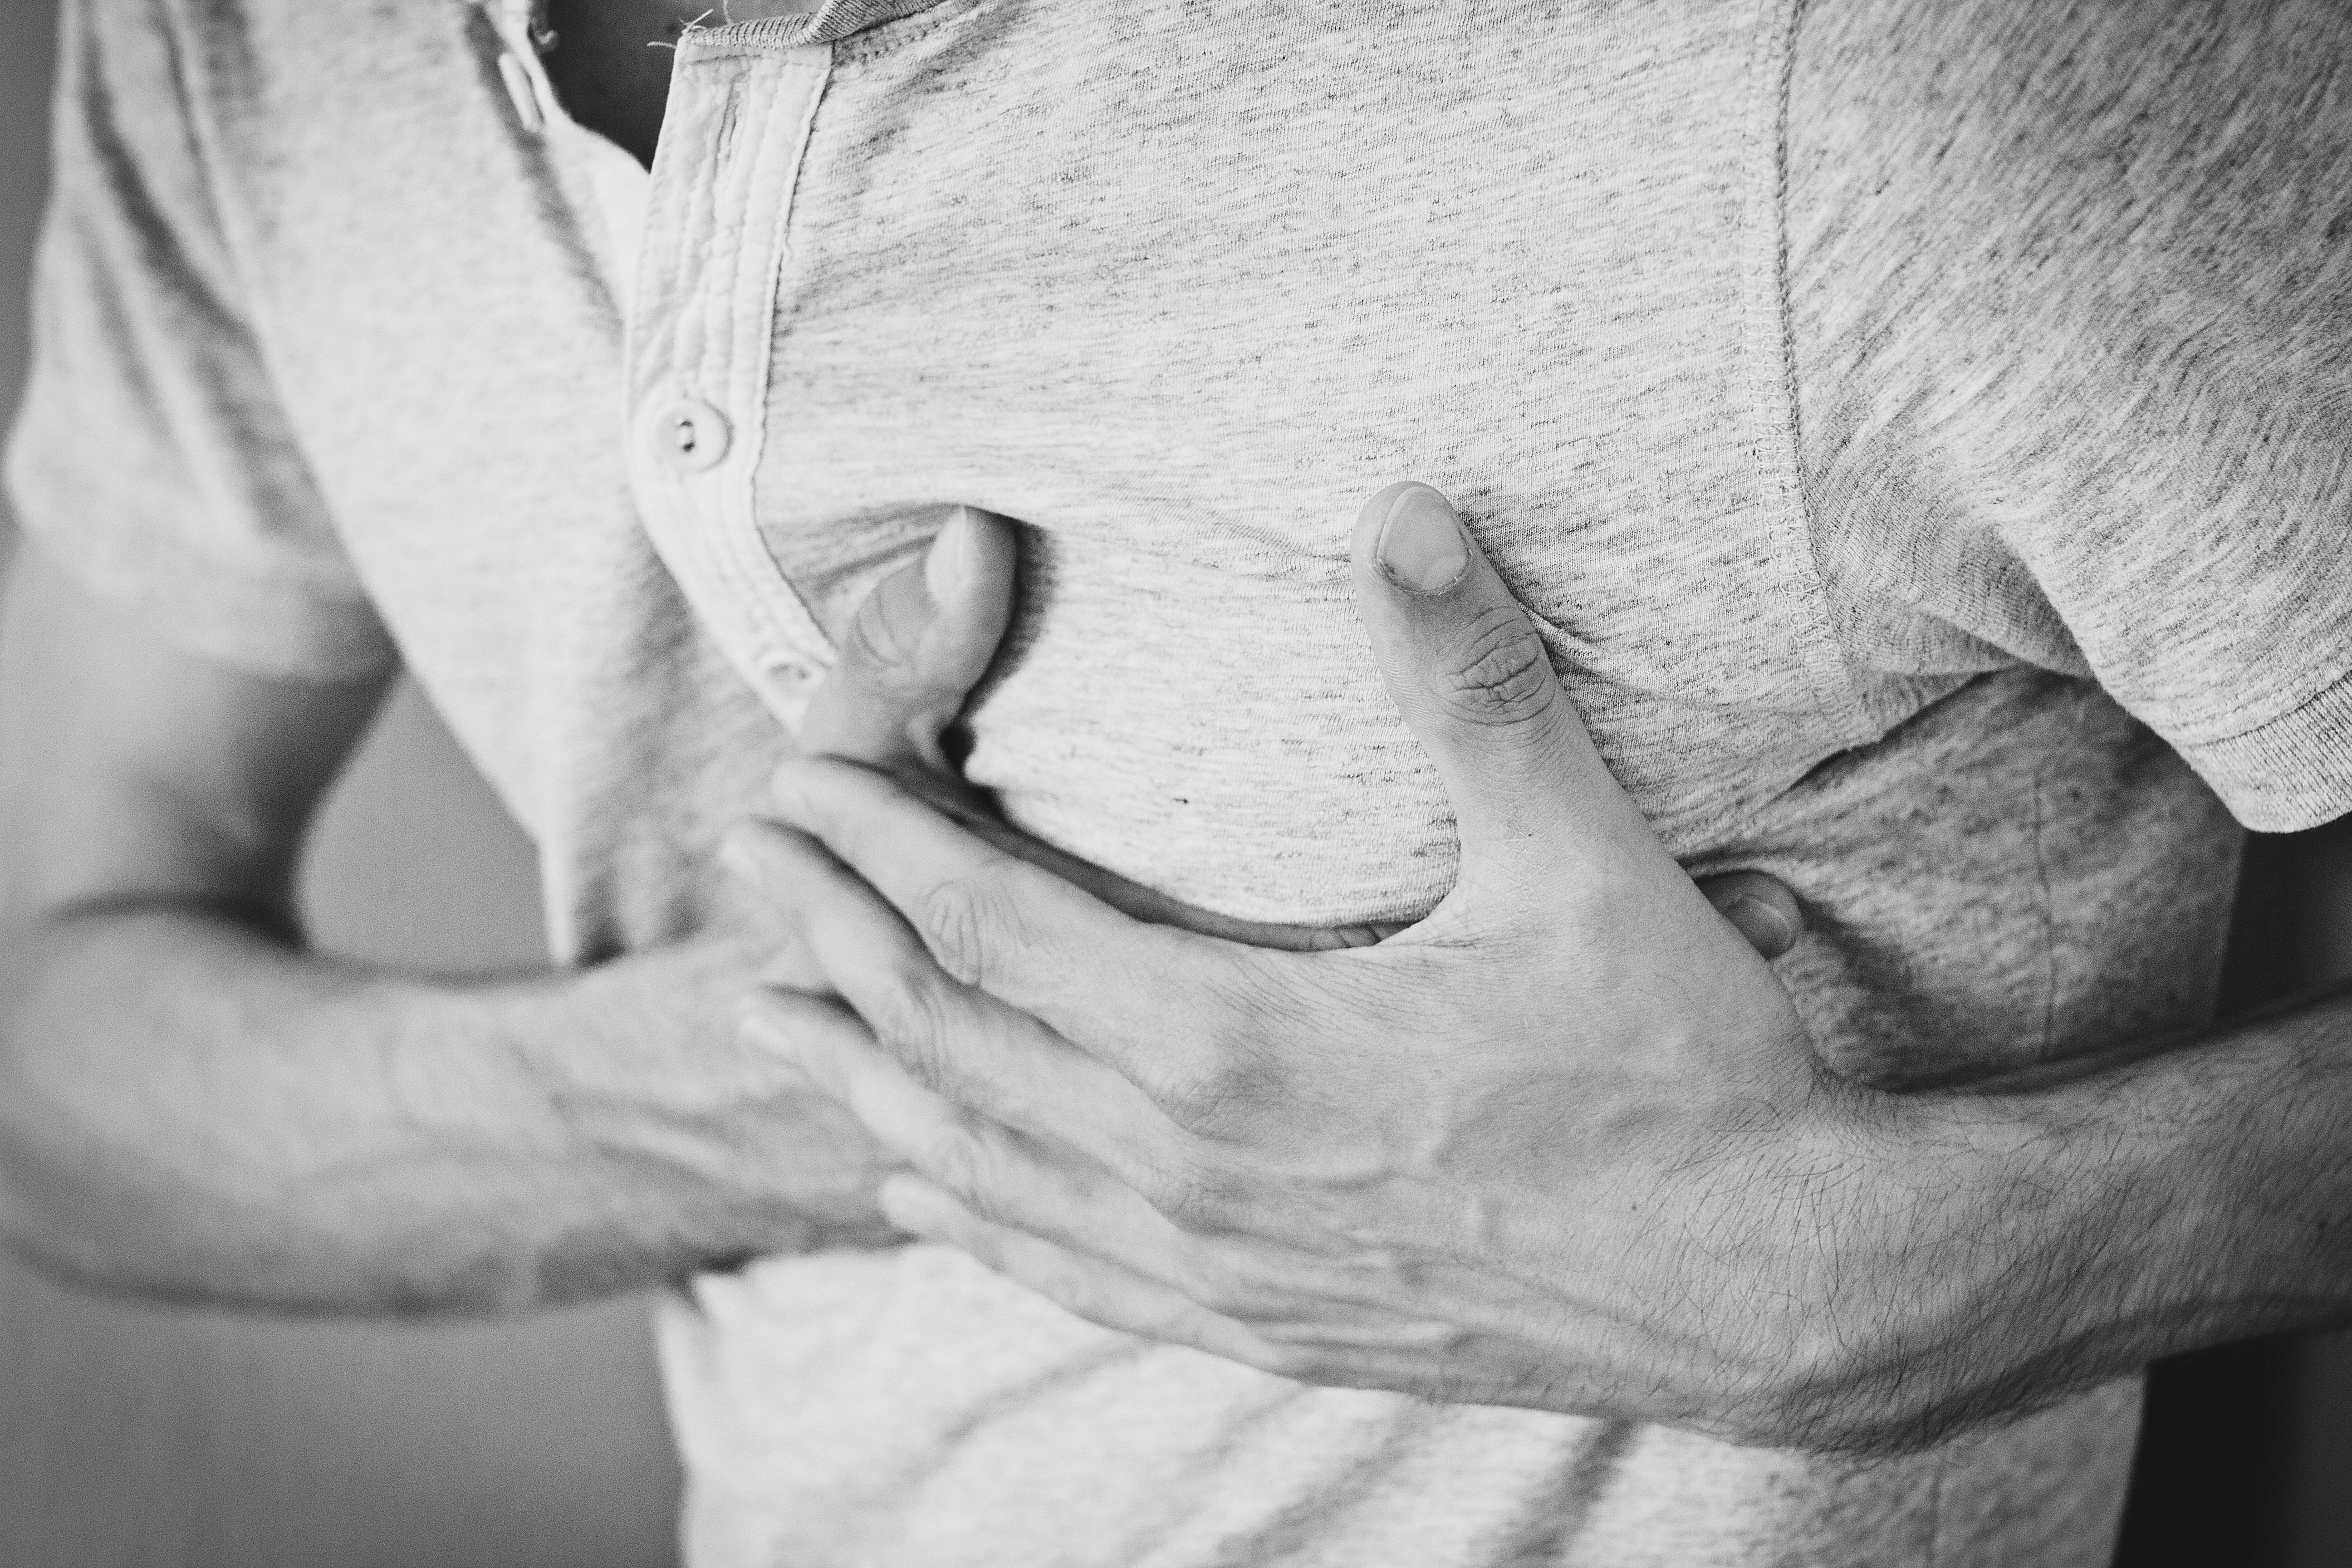 Nova análise reitera riscos de hidroxicloroquina e cloroquina ao coração (Foto: freestocks.org/Pexels)